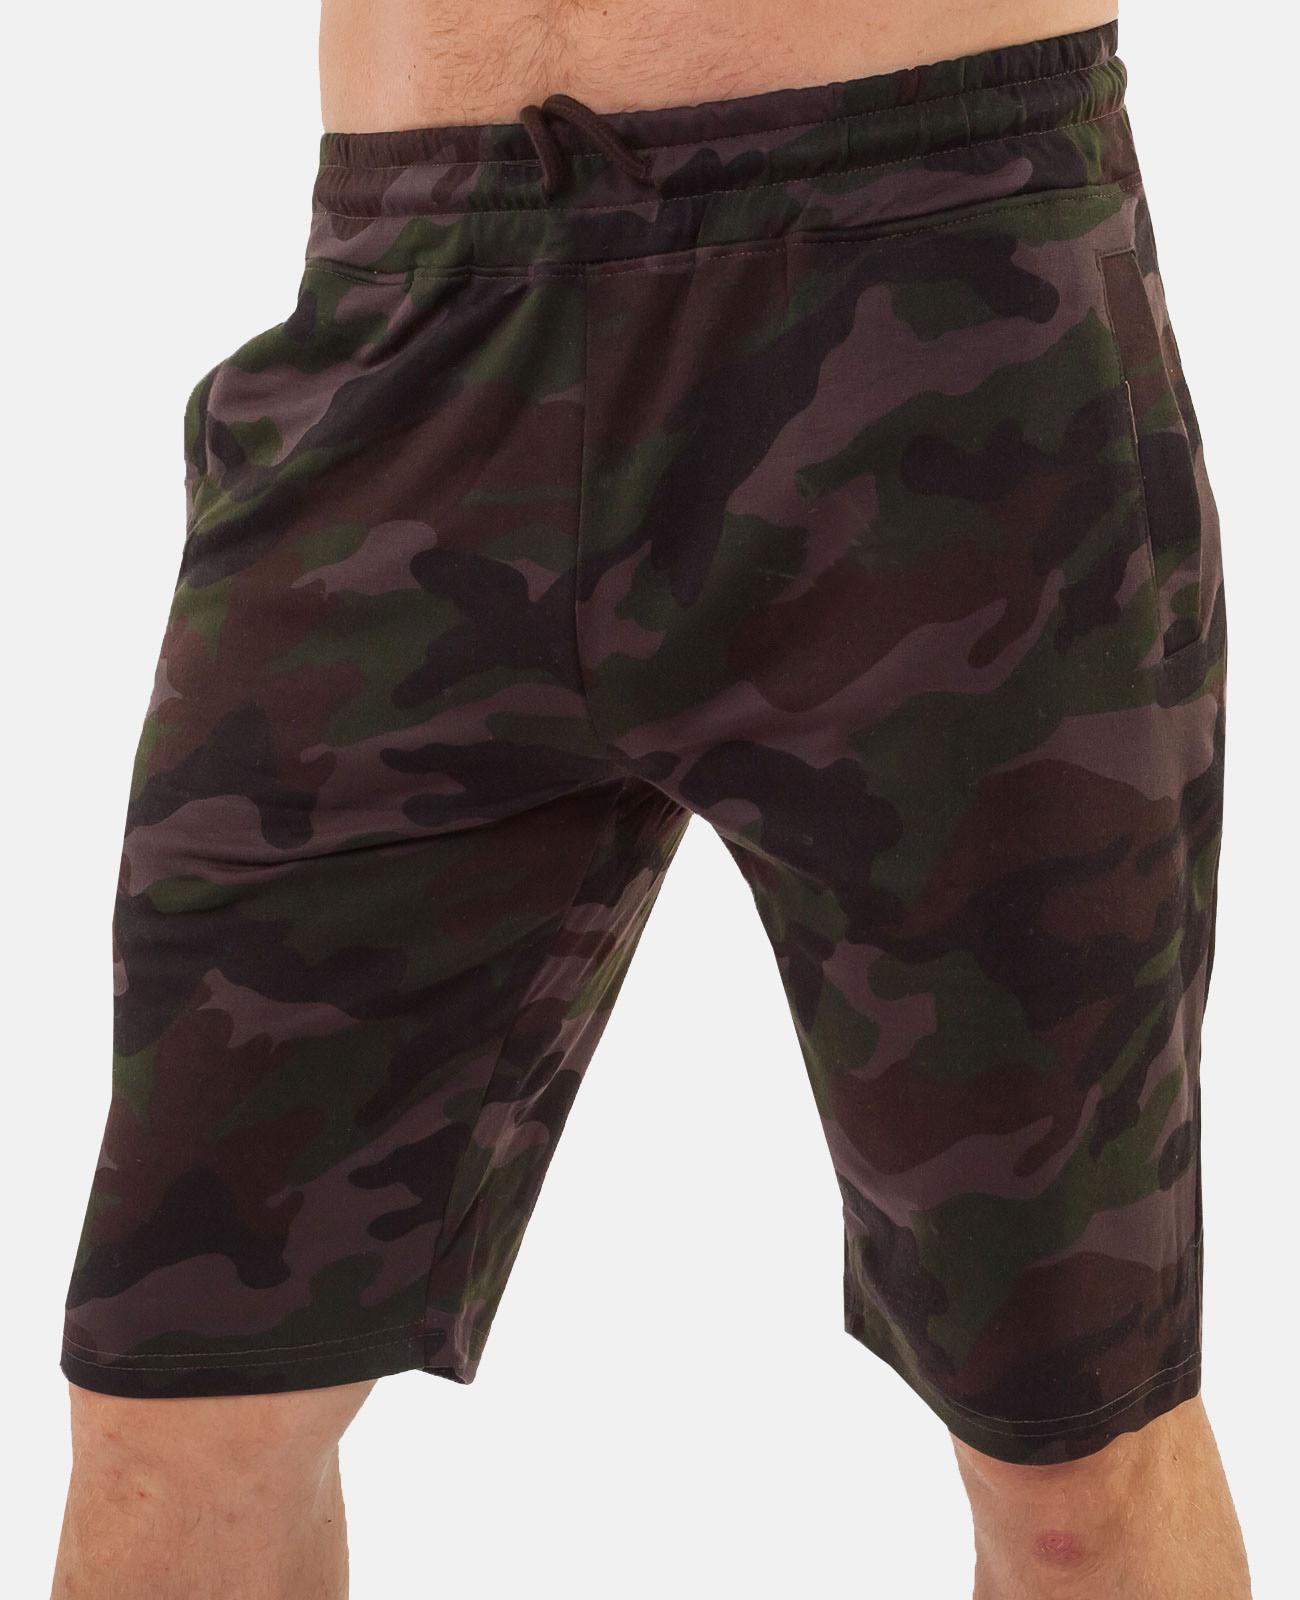 Мужские шорты IZ-XO4-ARMY оптом и в розницу